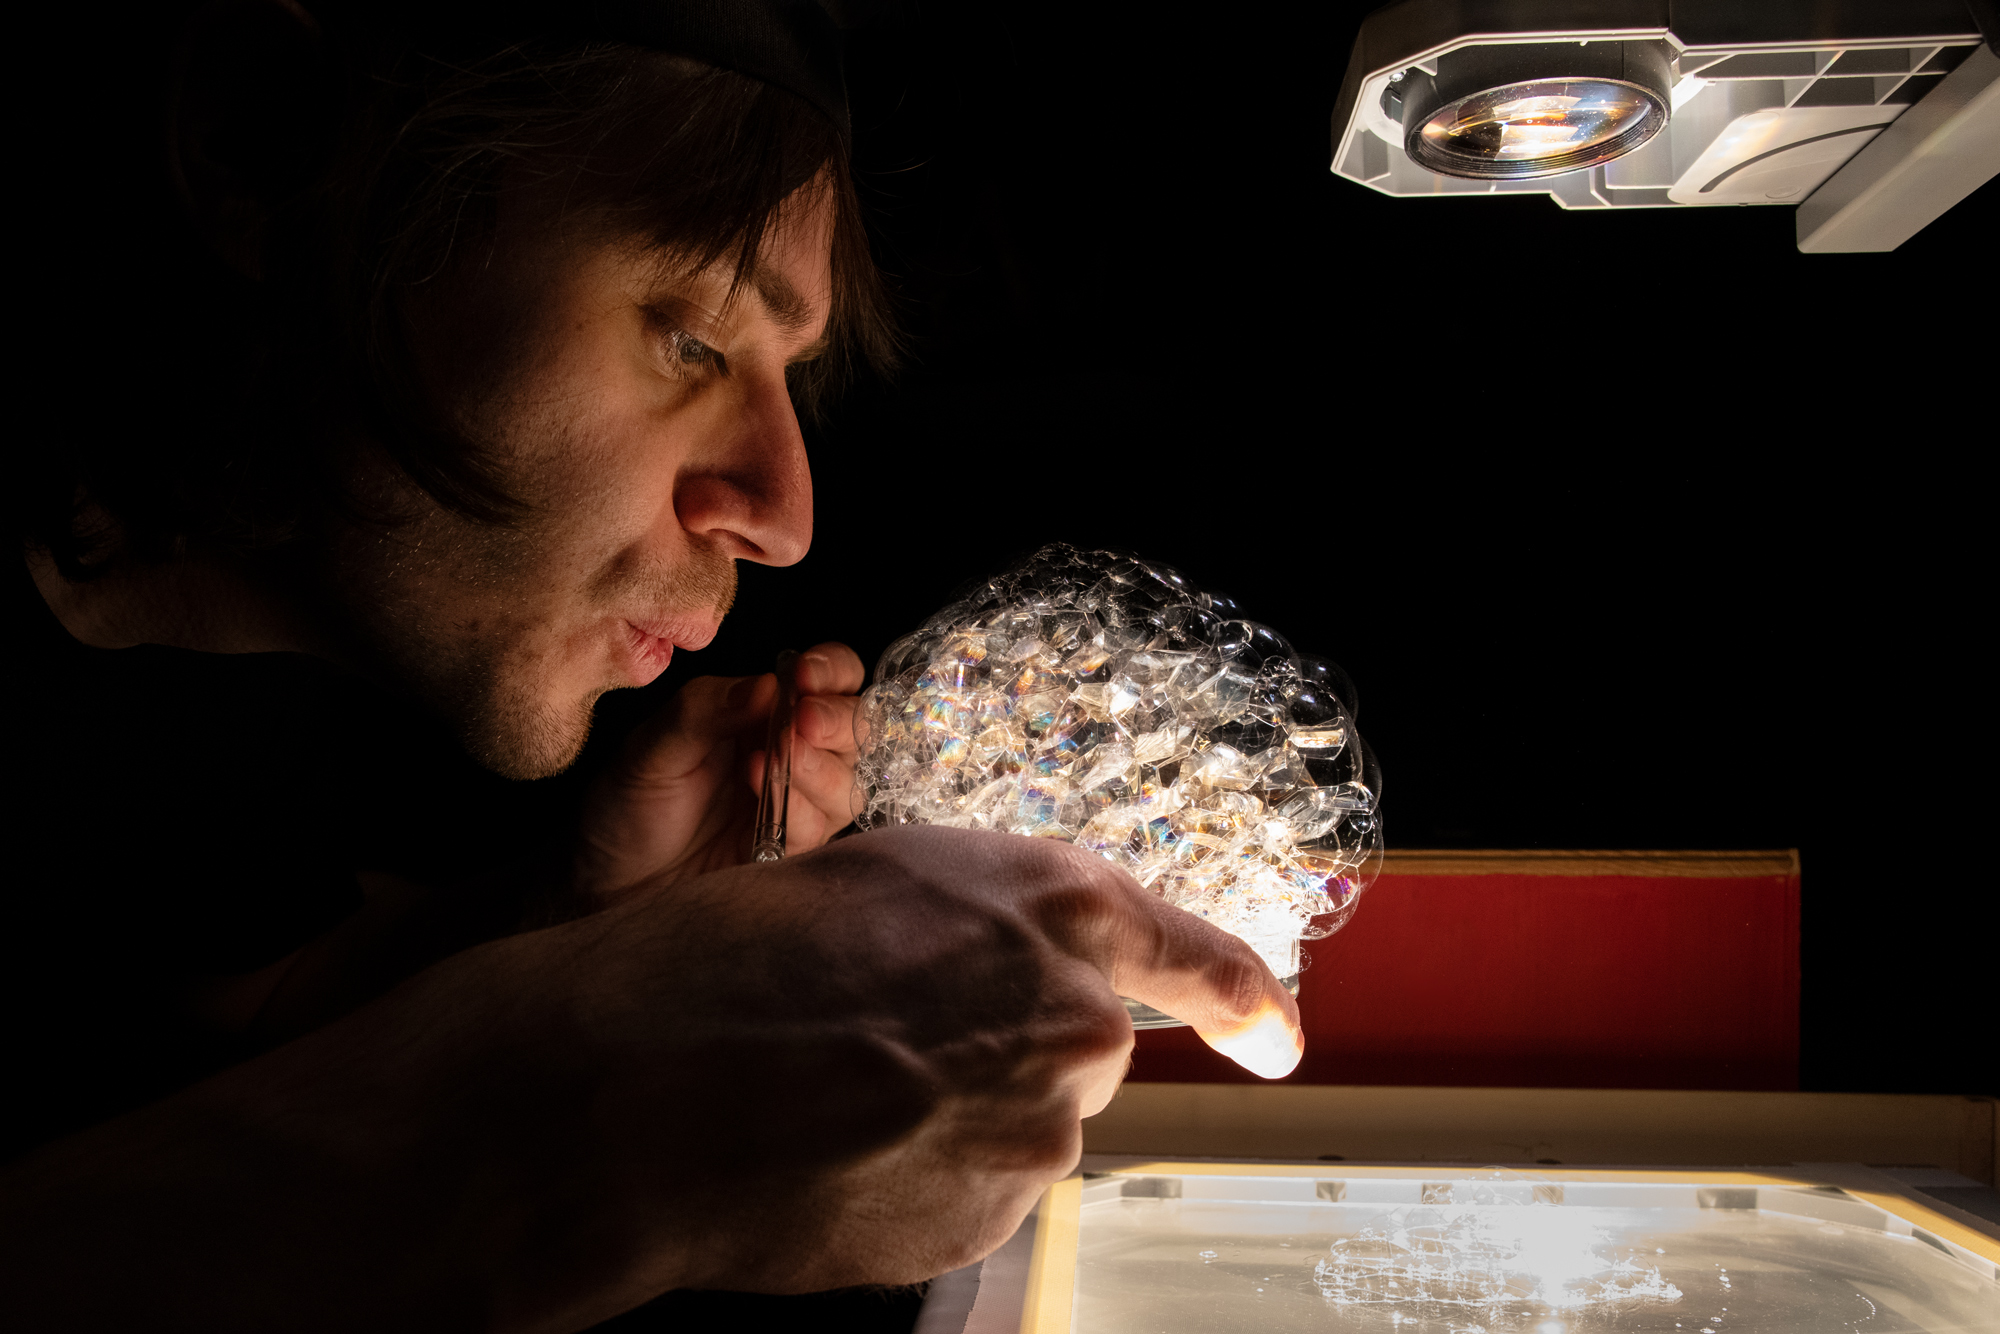 ein Spieler macht mit einem Trinkhalm Seifenblasen vor einer beleuchteten Fläche